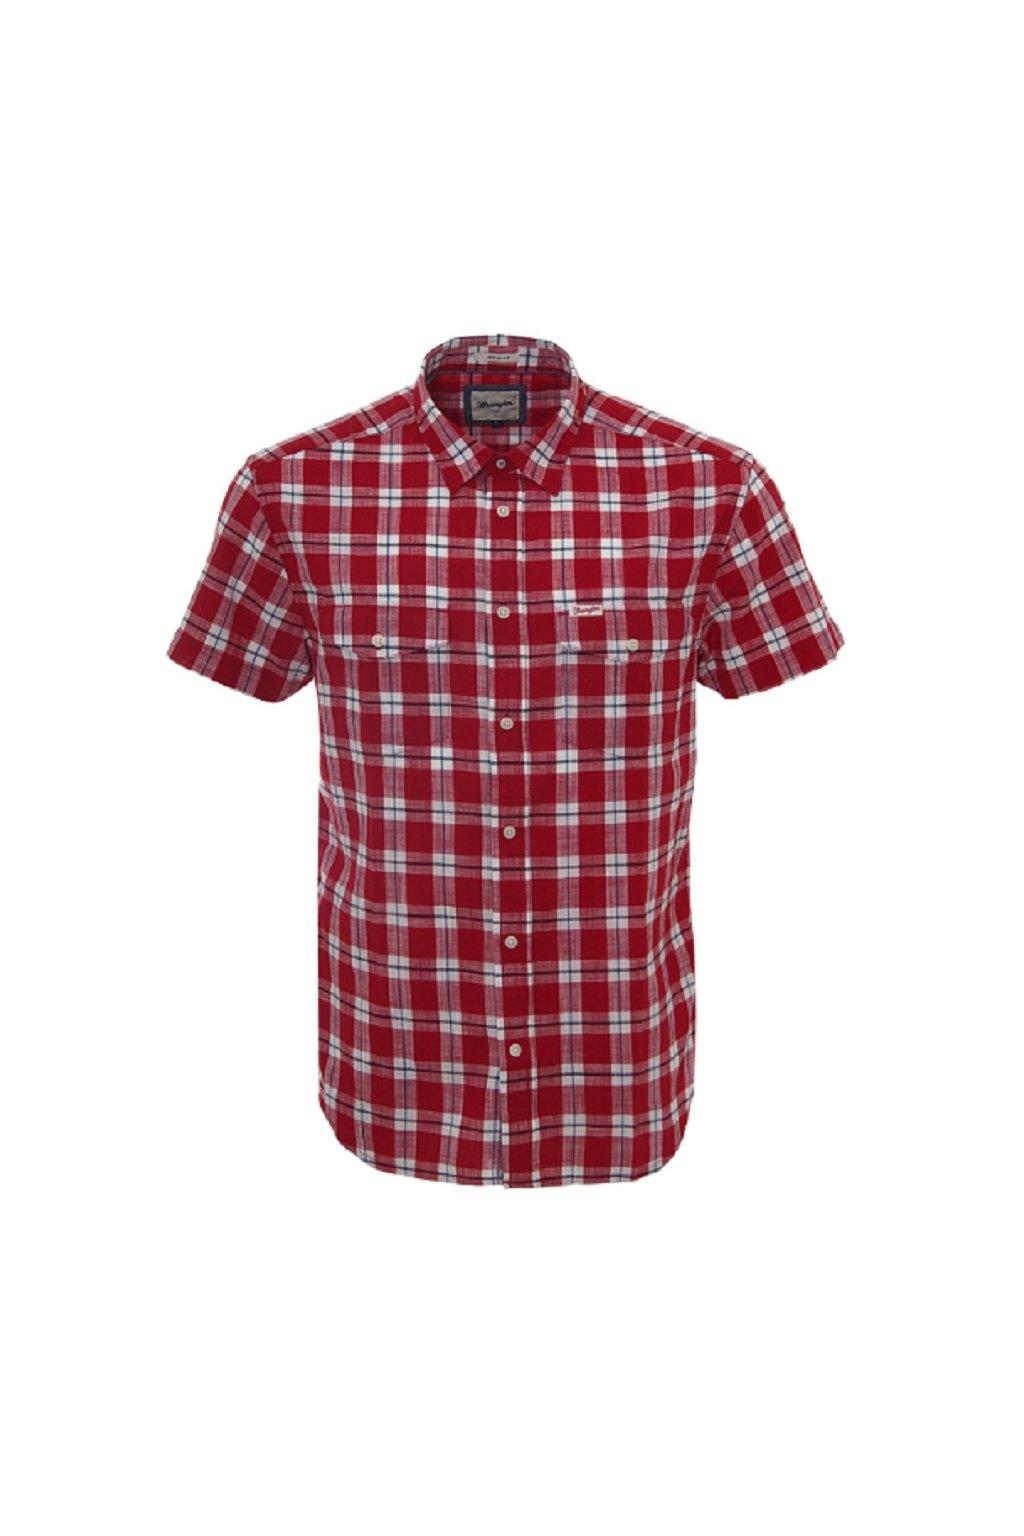 Pánská košile Wrangler Wrangler s/s 2pkt flap shirt obr1